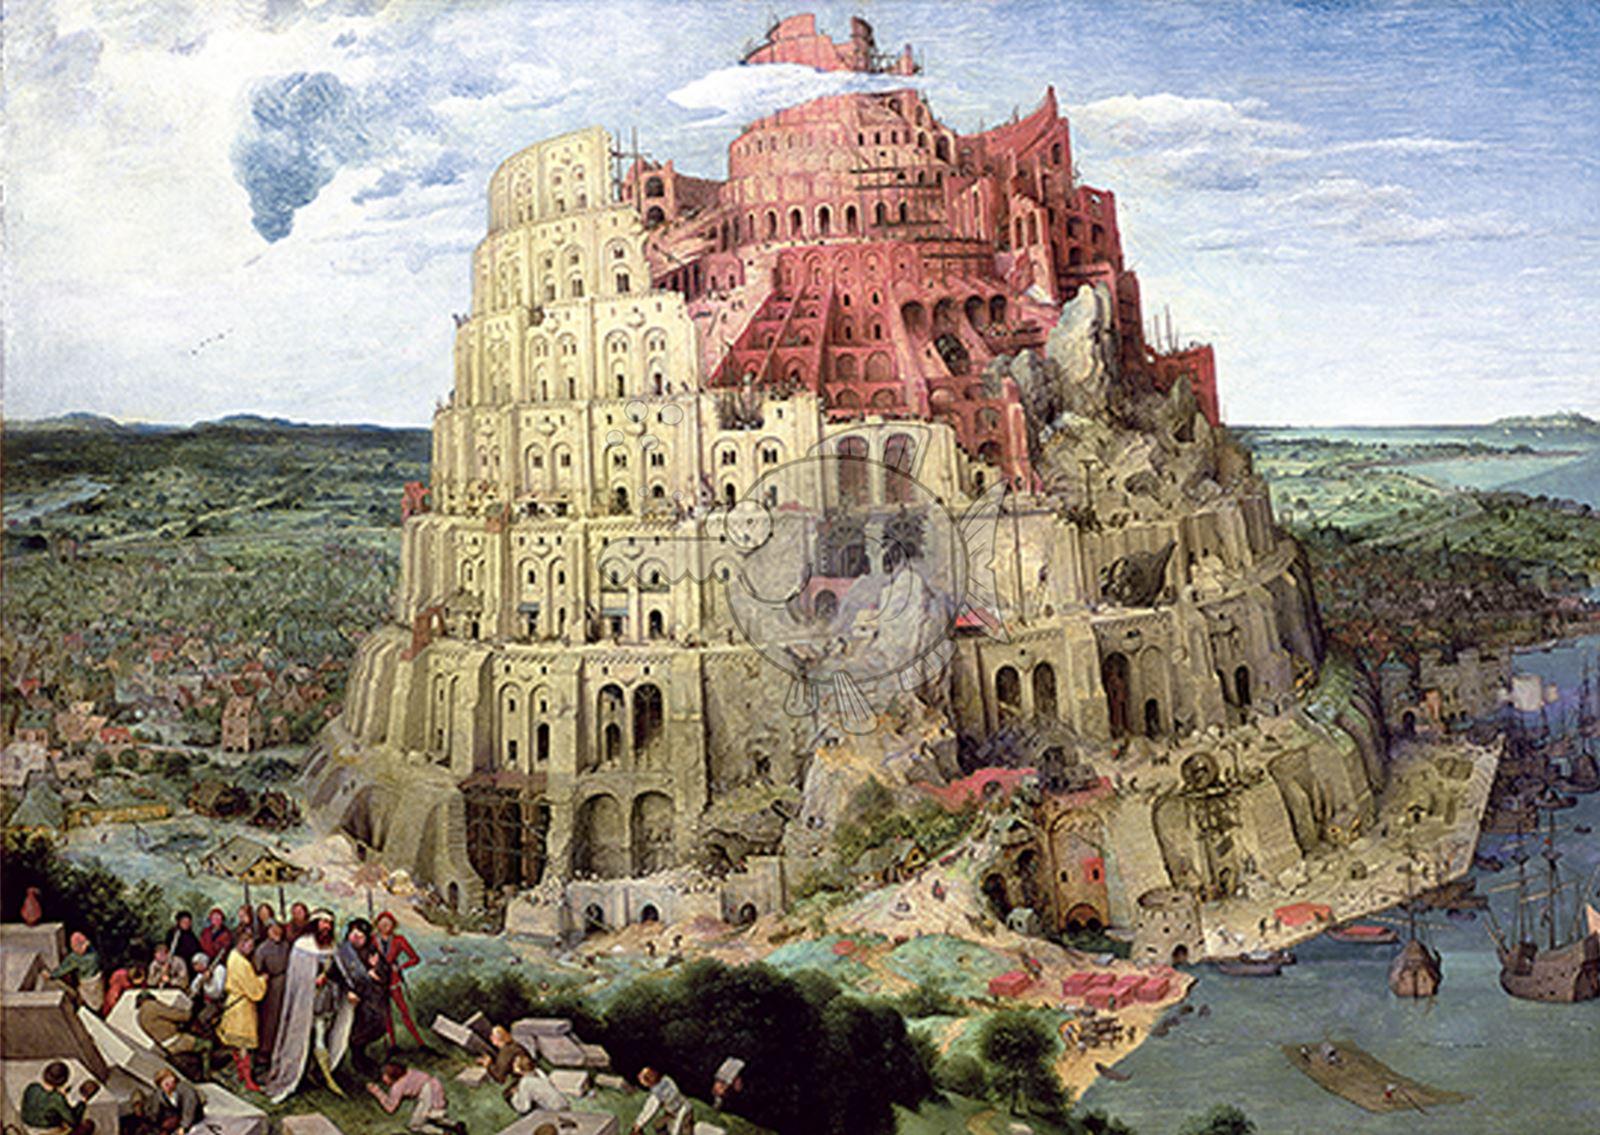 Trefl-300-500-1000-1500-2000-3000-4000-6000-Piece-Jigsaw-Puzzle-Paysages-Ville miniature 233